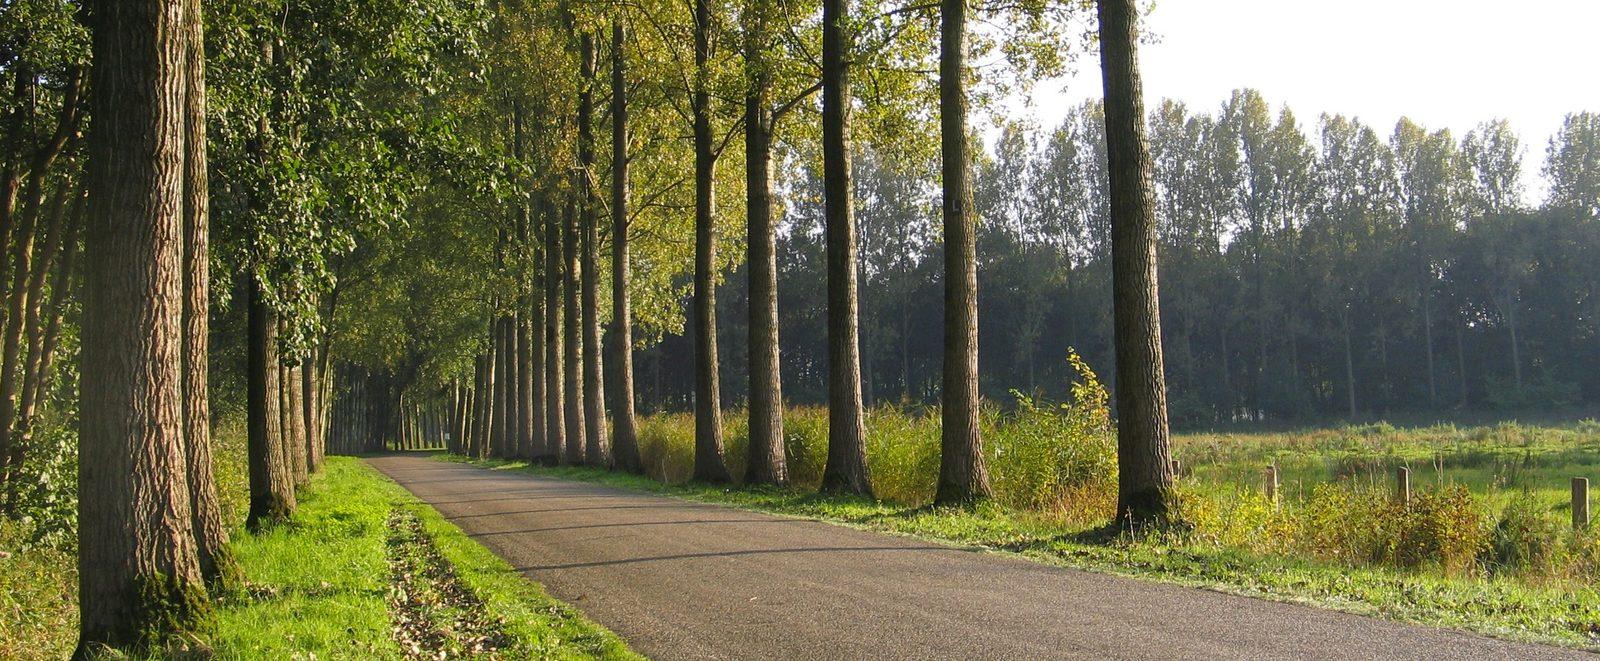 Provinz Noord-Brabant